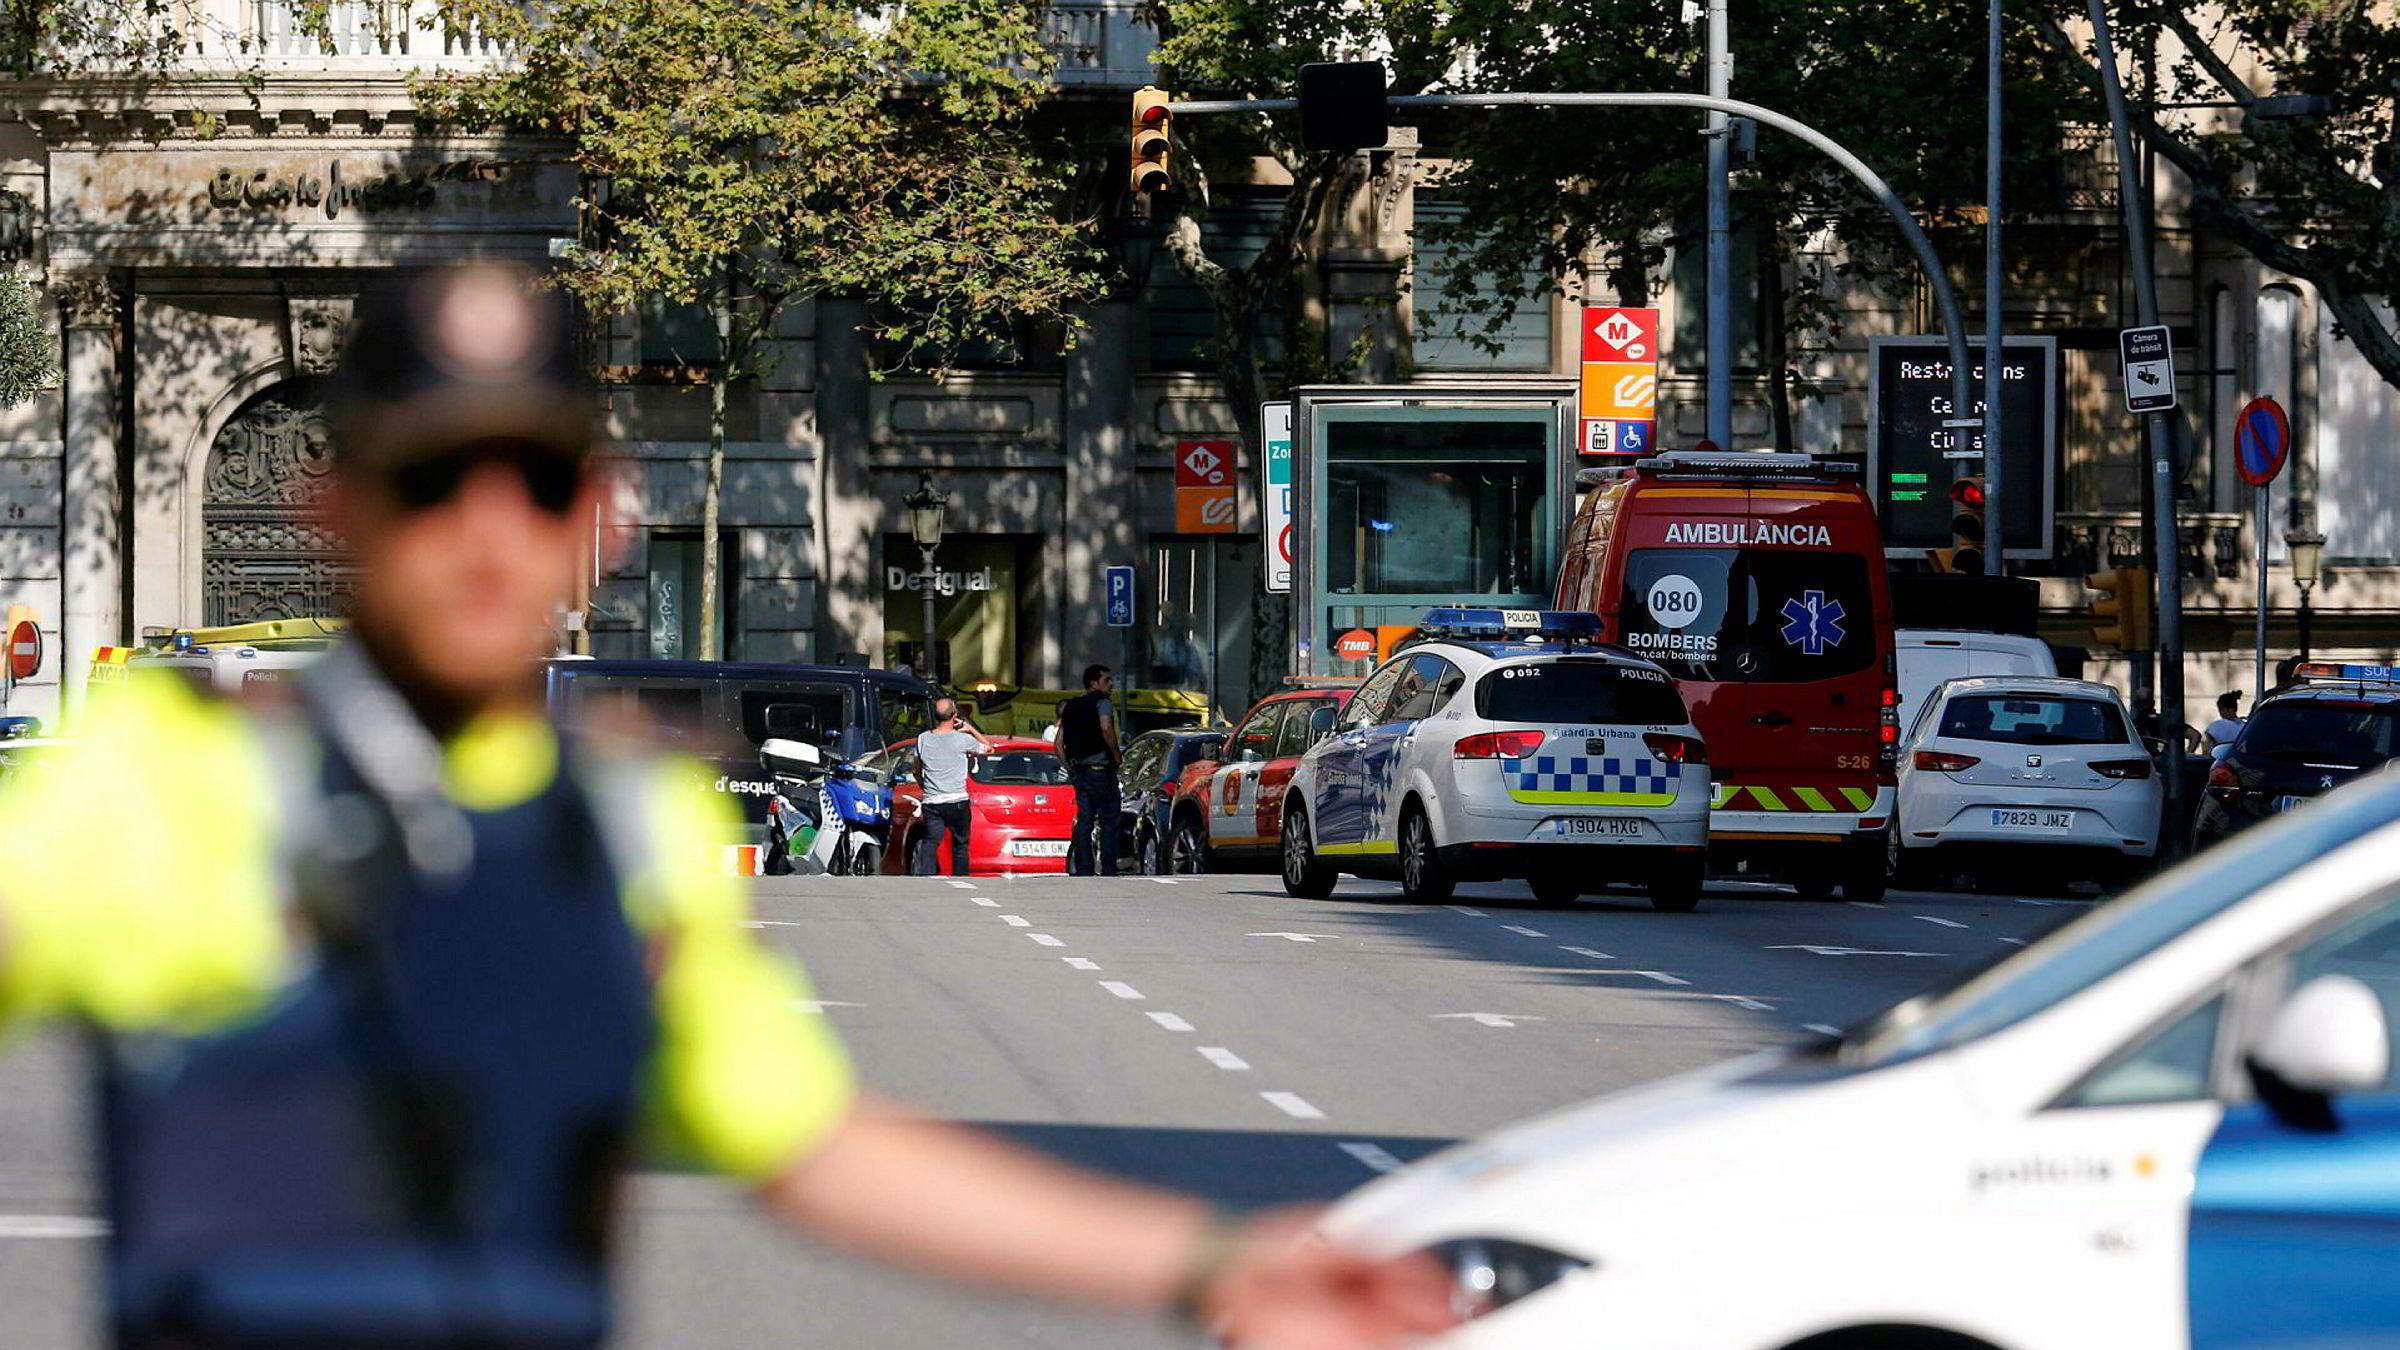 Politiet i Barcelona har sperret av områder rundt hovedgaten La Rambla, der en varebil torsdag kjørte ned flere mennesker.